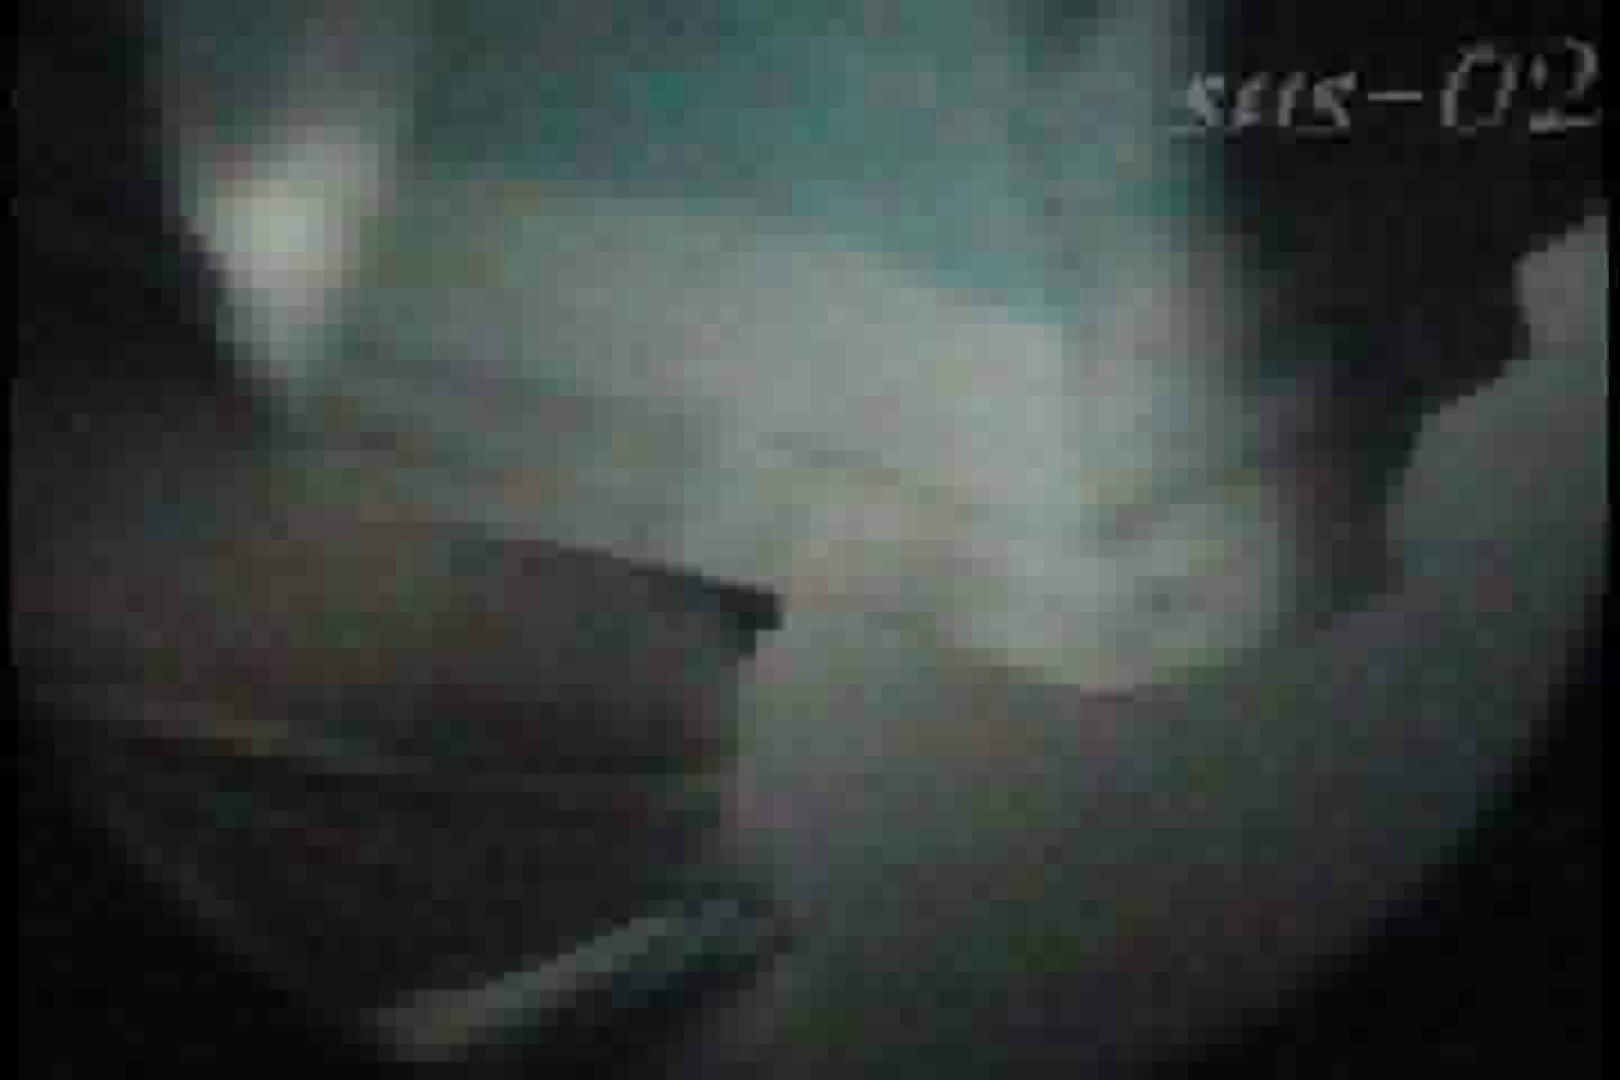 サターンさんのウル技炸裂!!夏乙女★海の家シャワー室絵巻 Vol.02 シャワー エロ無料画像 95枚 89